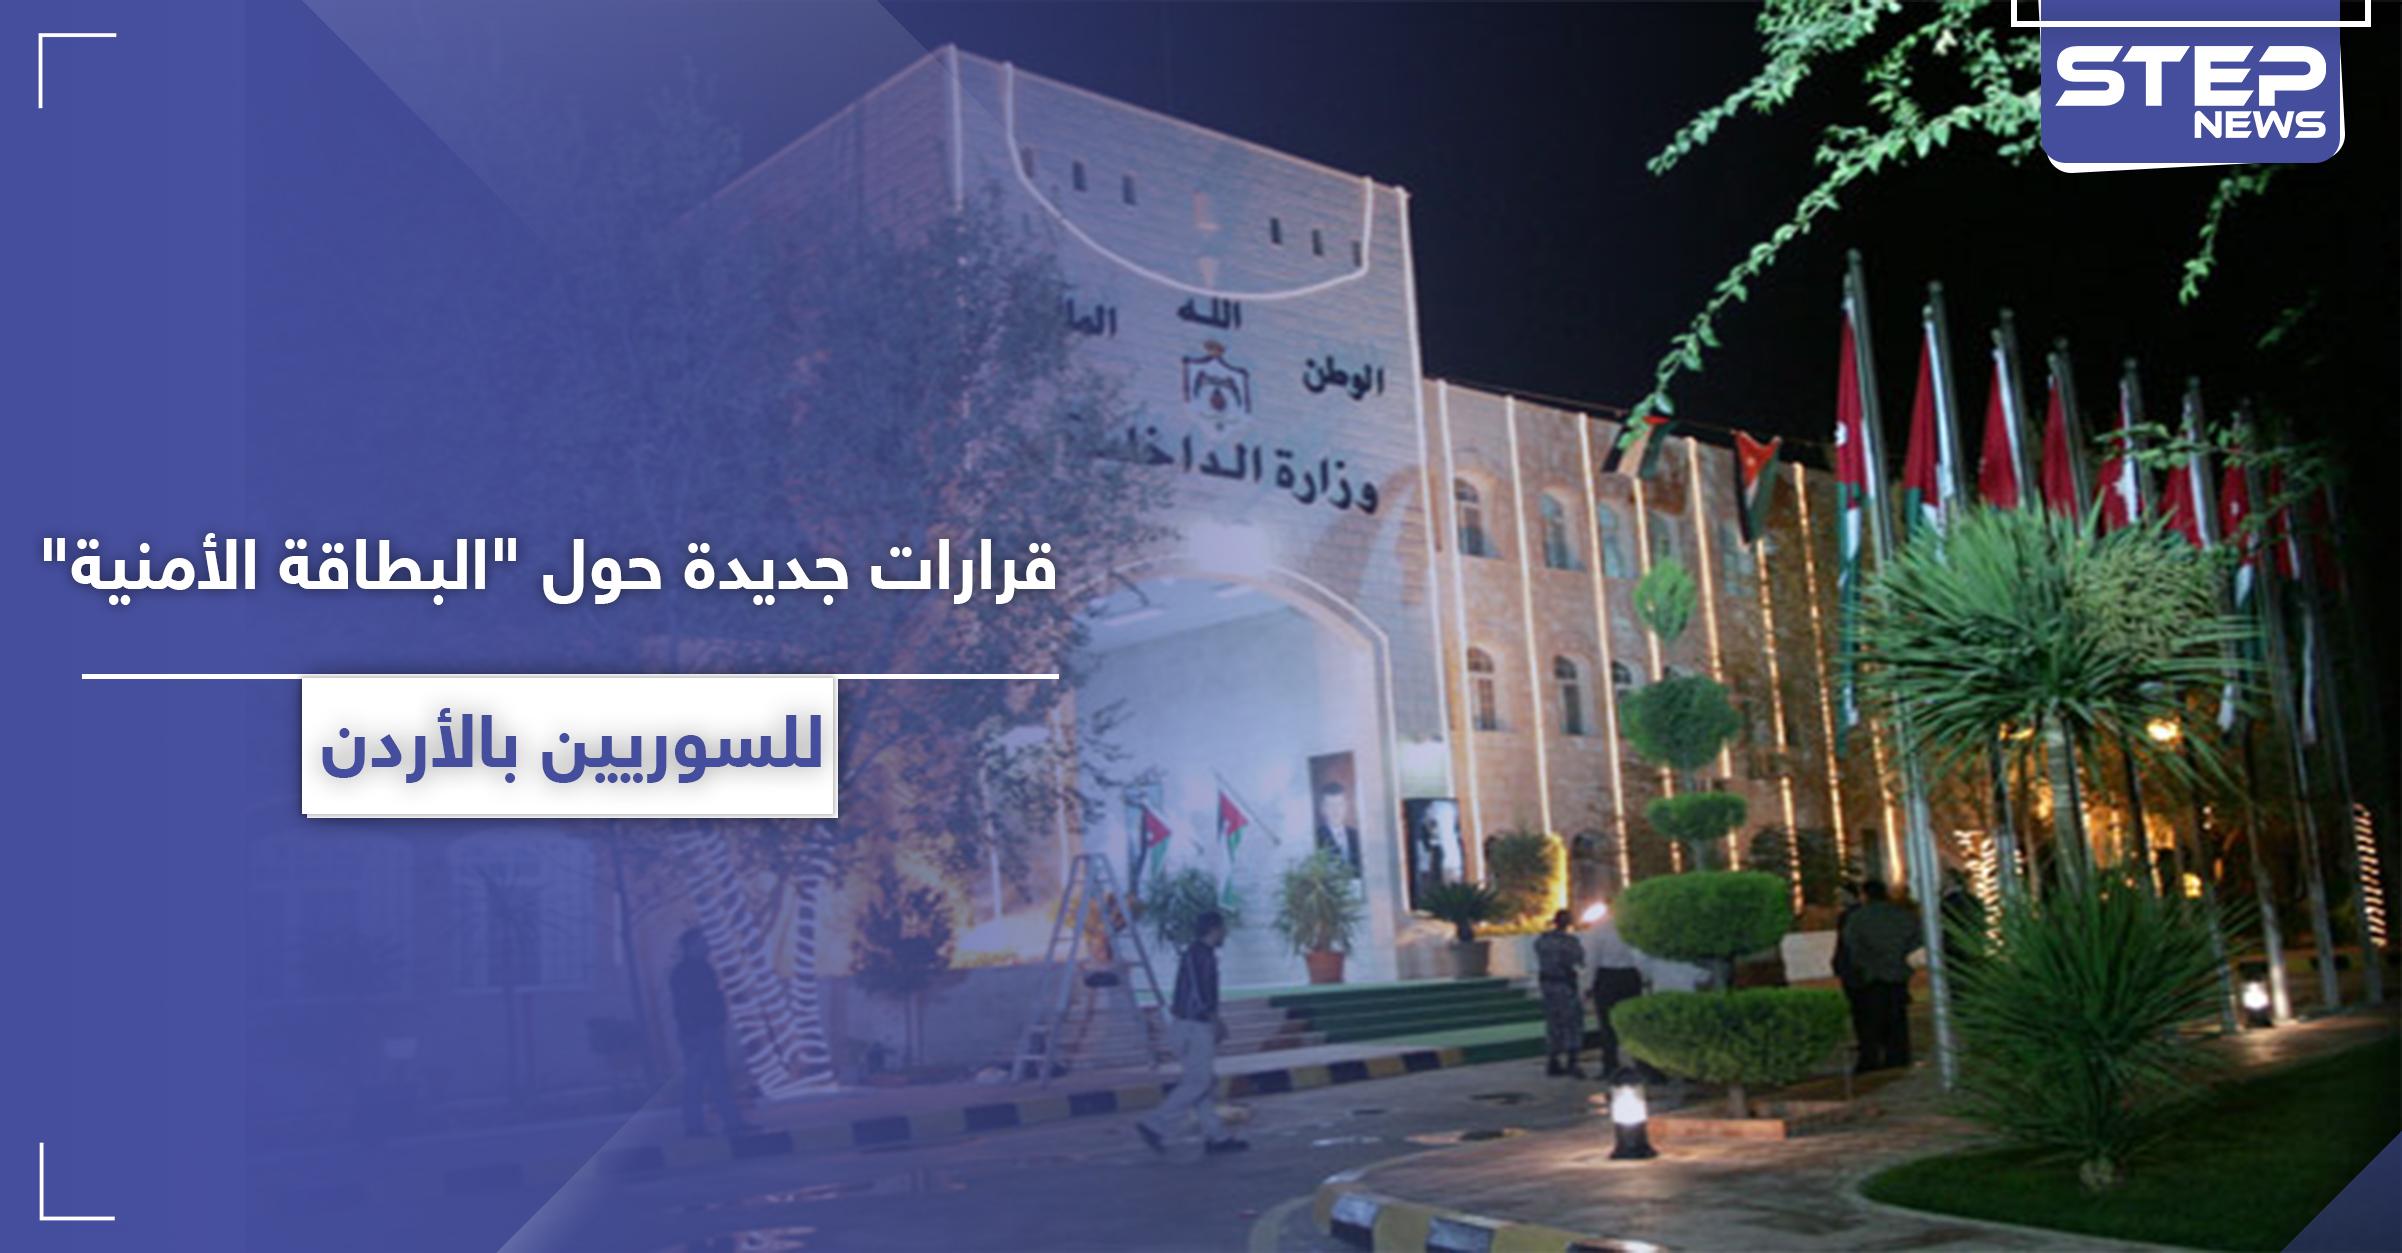 الداخلية الأردنية تعلن عن سريان مفعول بطاقة الخدمة الخاصة بالجالية السورية حتى نهاية العام